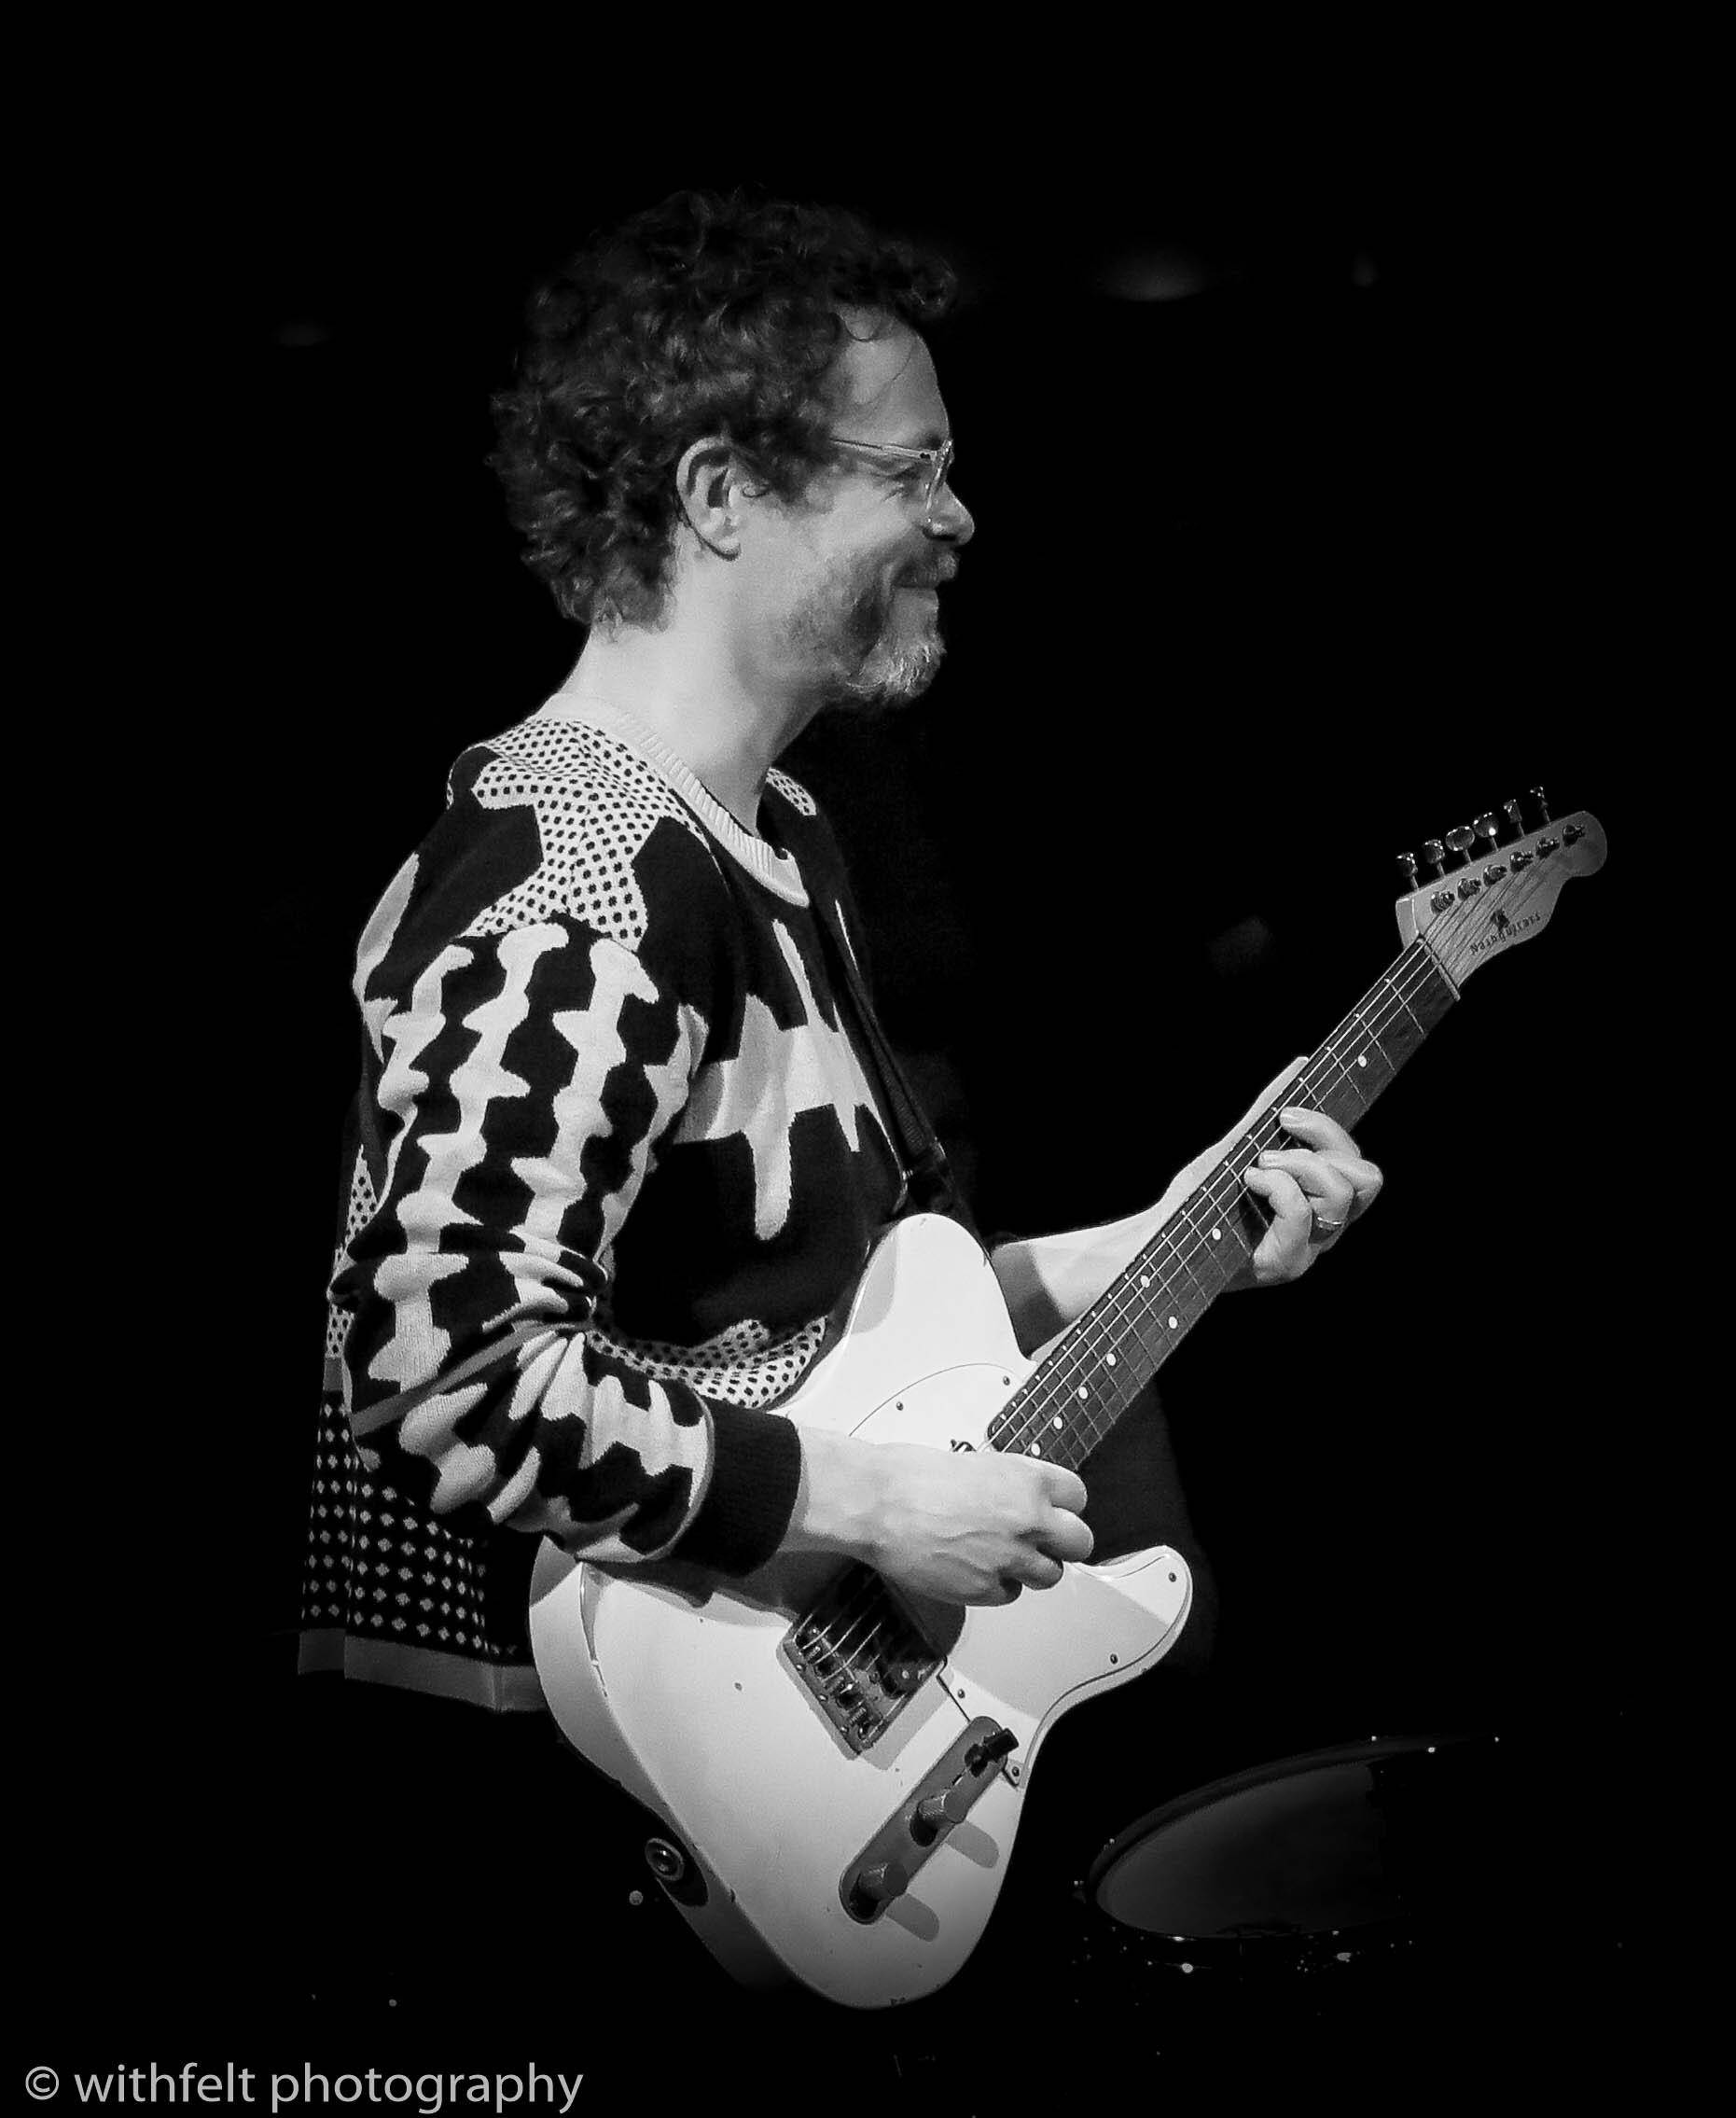 Jakob Bro - 40th birthday concert in Copenhagen - 12.04.2018